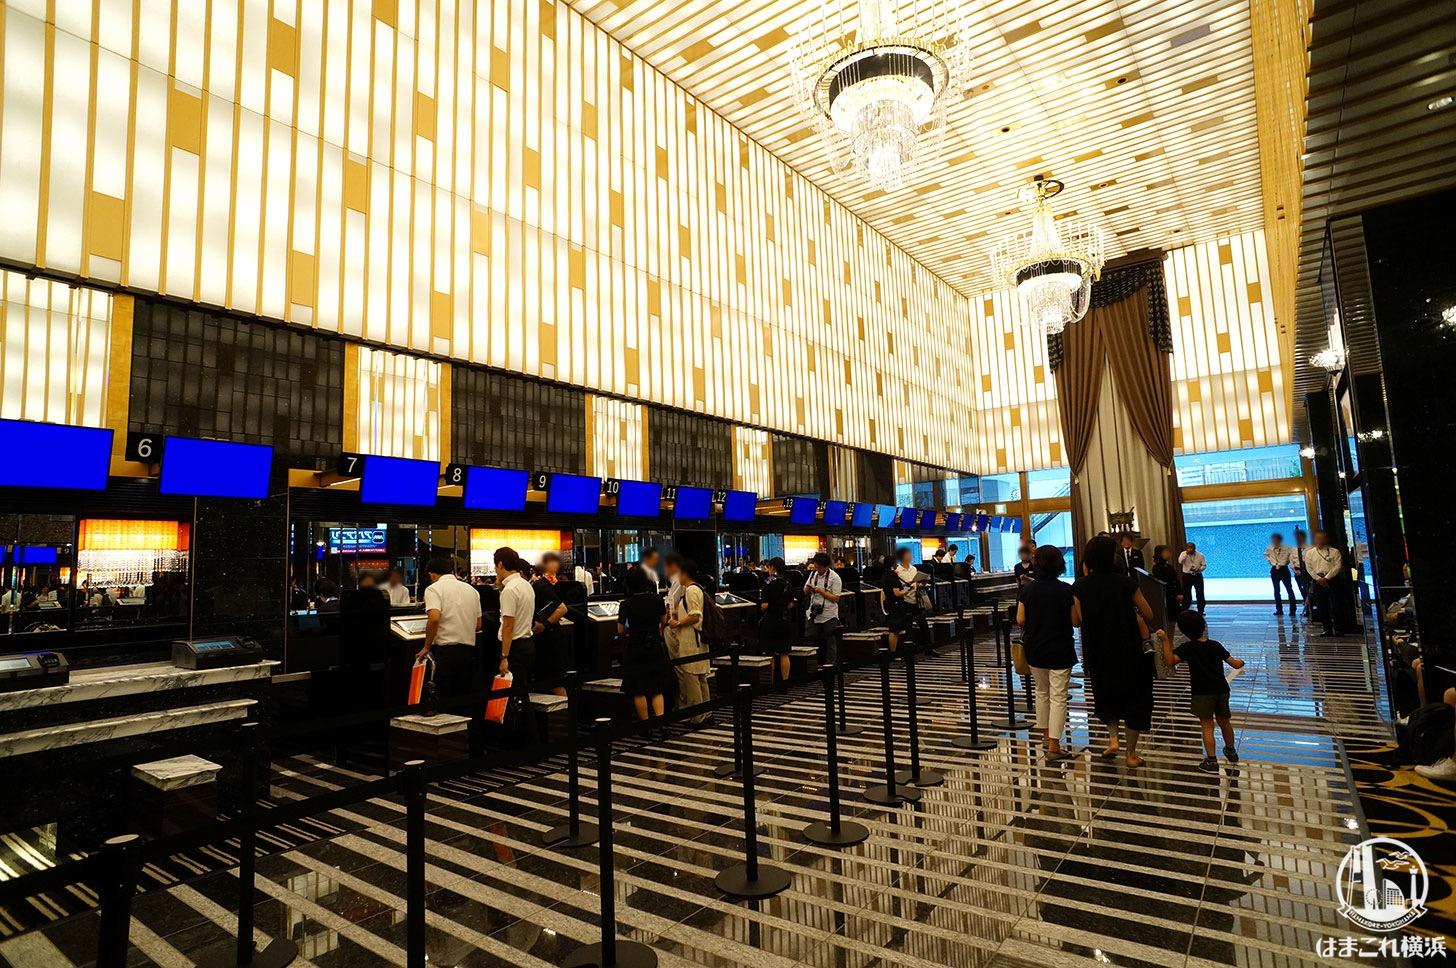 アパホテル&リゾート 横浜ベイタワー フロントロビー